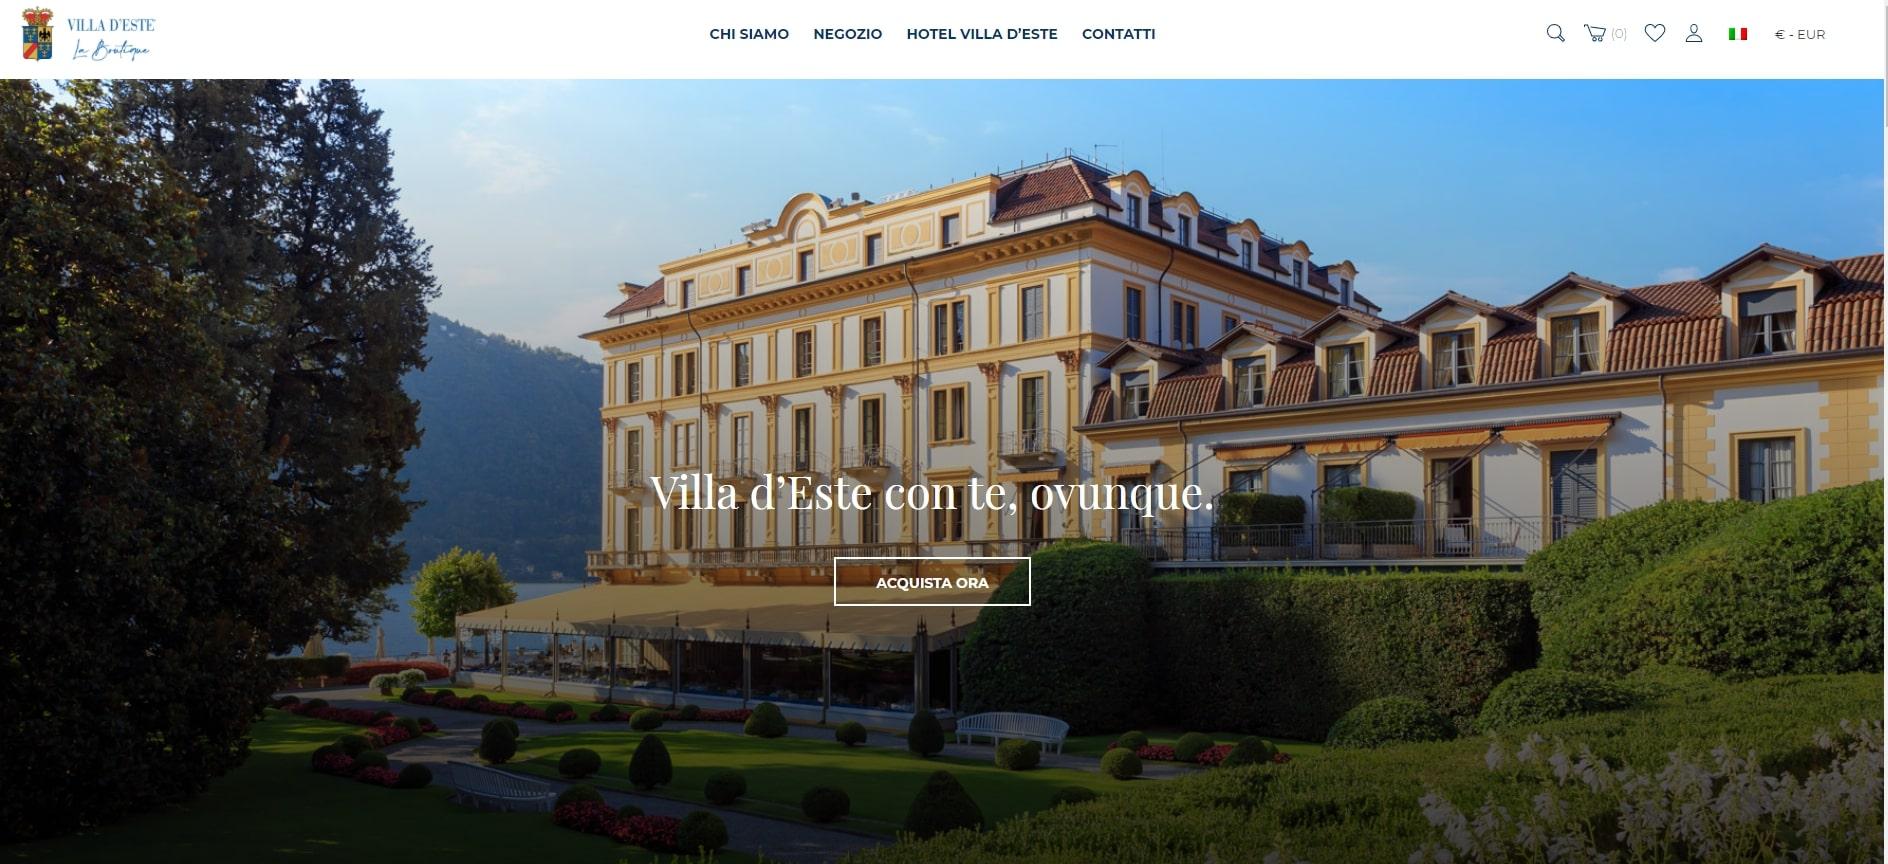 Villa-dEste-Homepage-sito-ecommerce-